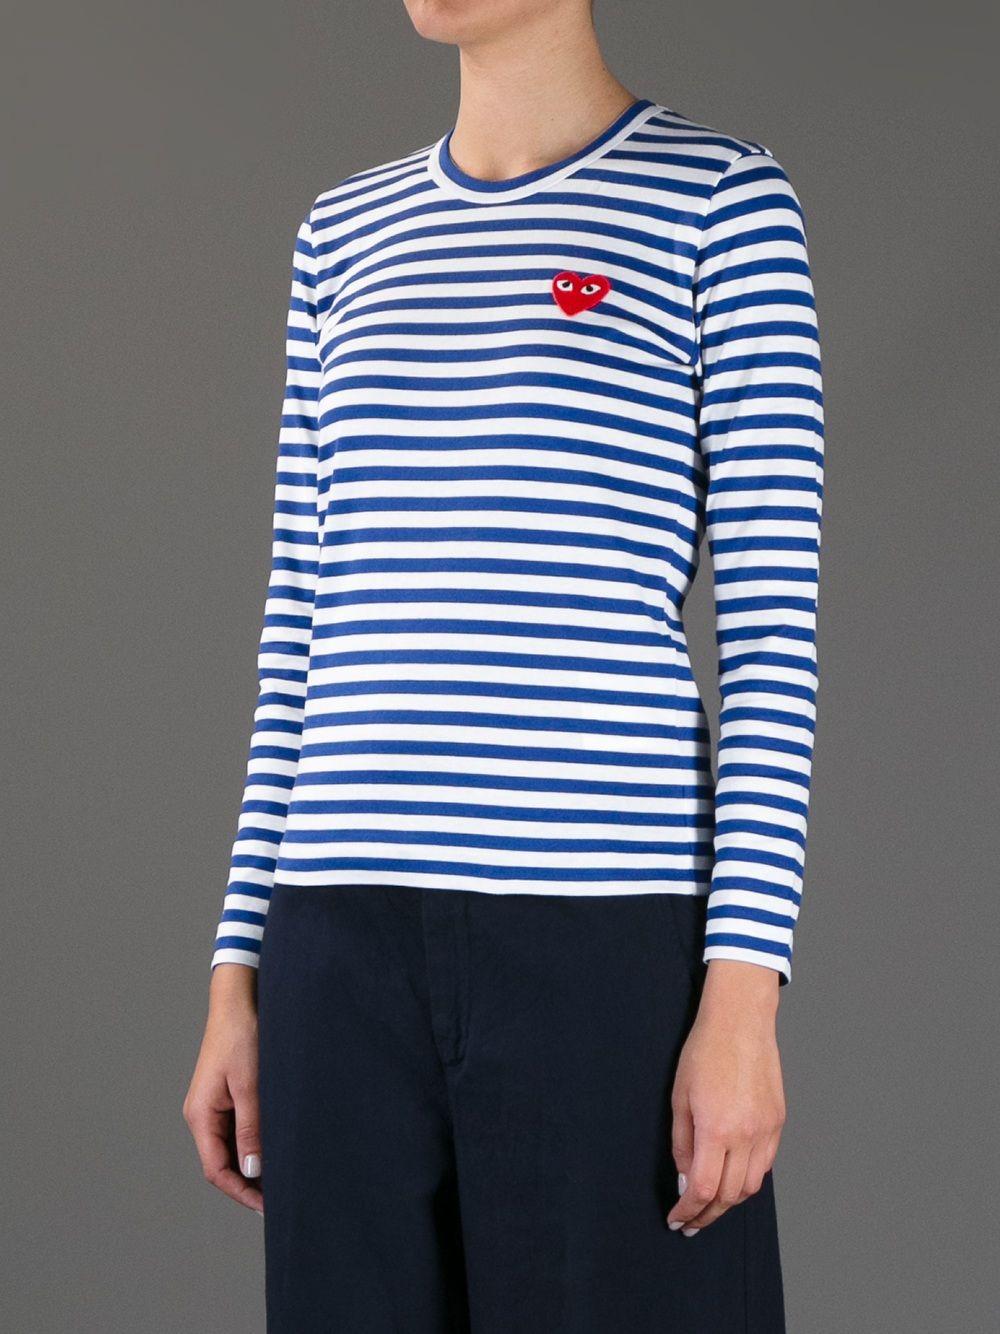 0566fa42904d play trøje i blå str XS. kan købes i strom store. Gå til